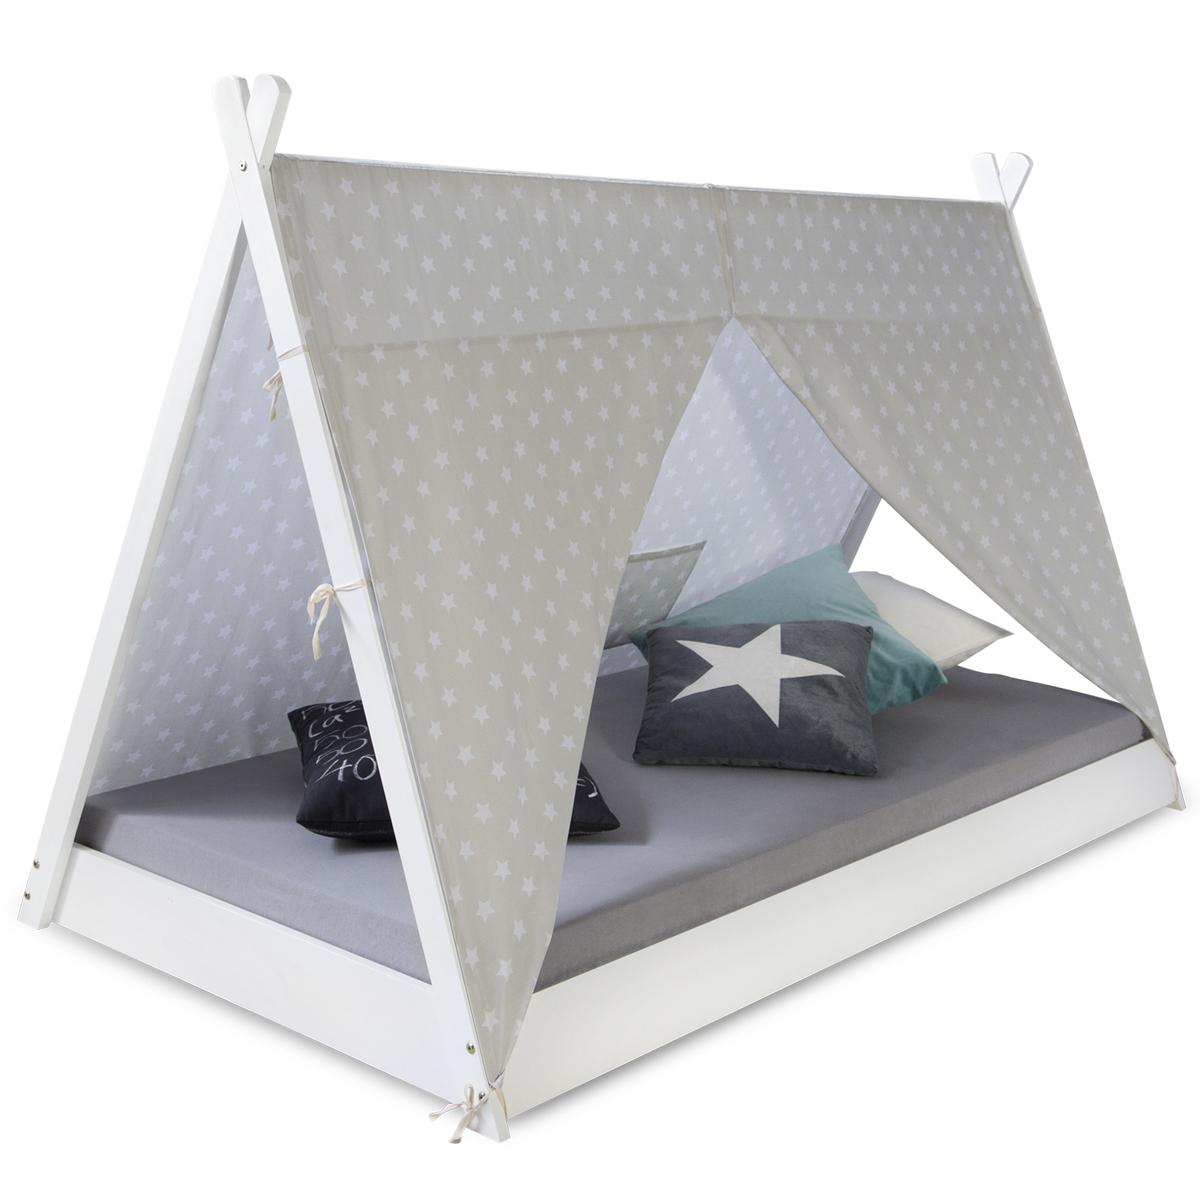 Detská posteľ Ourbaby Teepee biela 200x90 cm